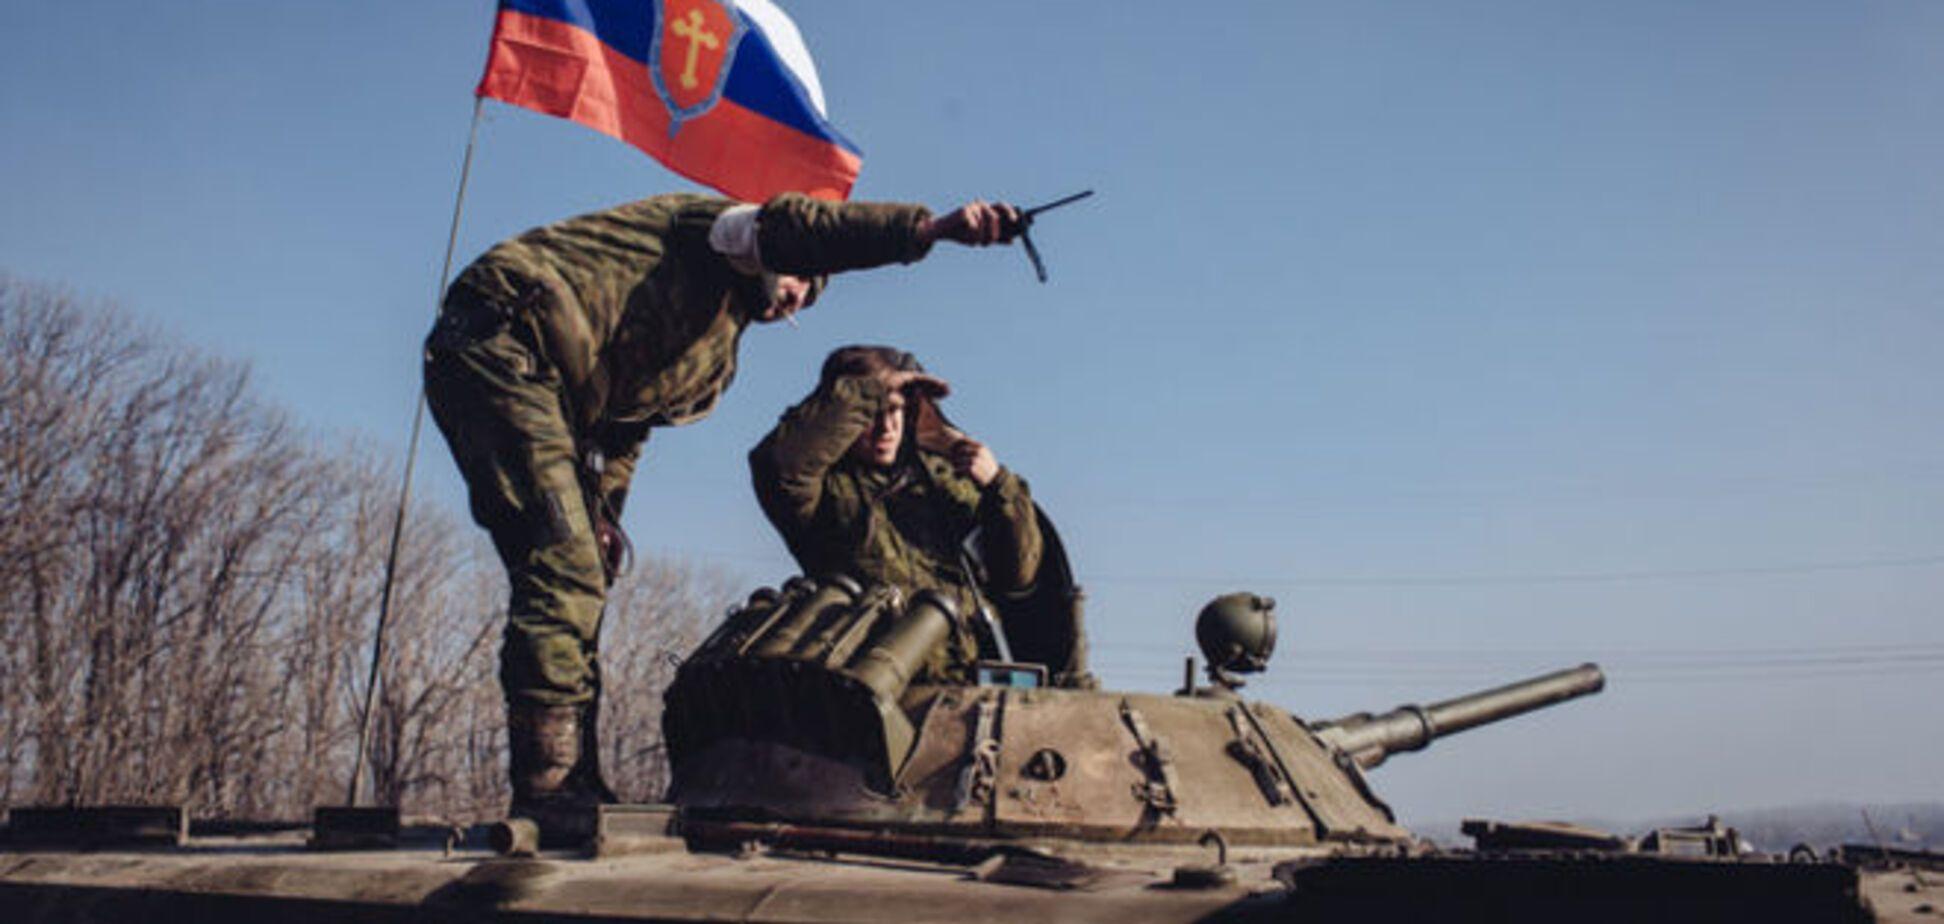 Родственник погибшего ГРУшника подтвердил журналисту присутствие российских войск в Украине